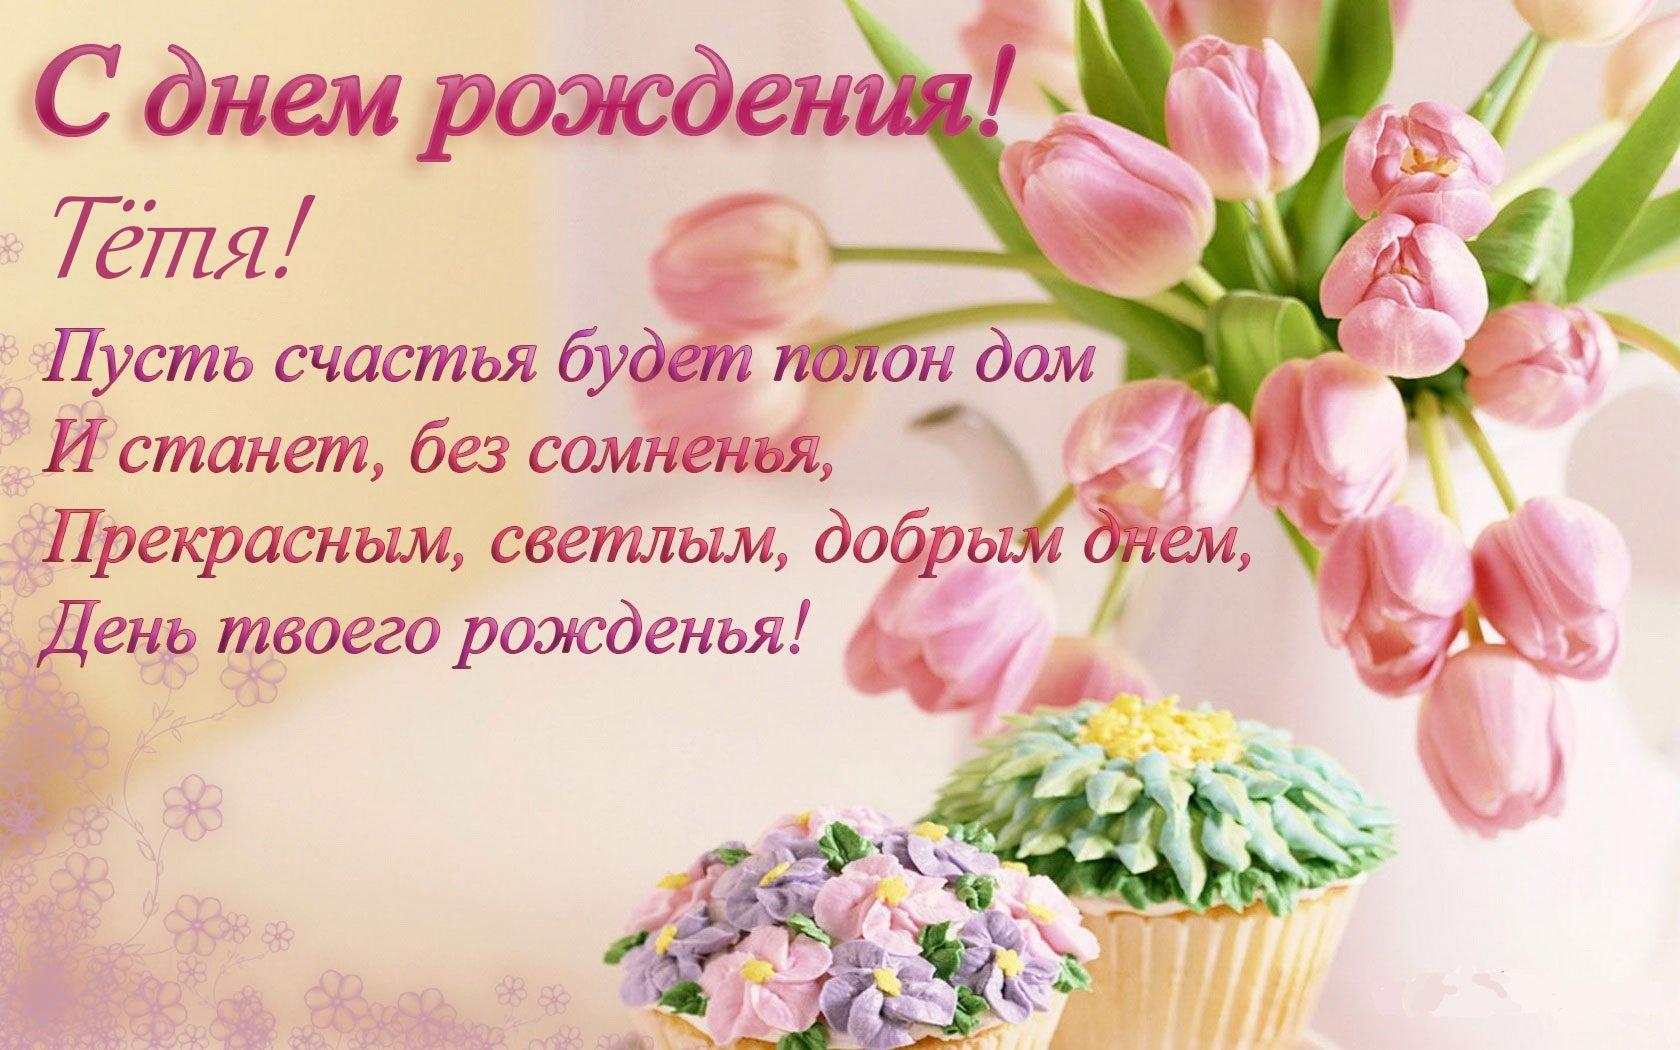 Поздравление с днем рождения женщине 46 лет в стихах